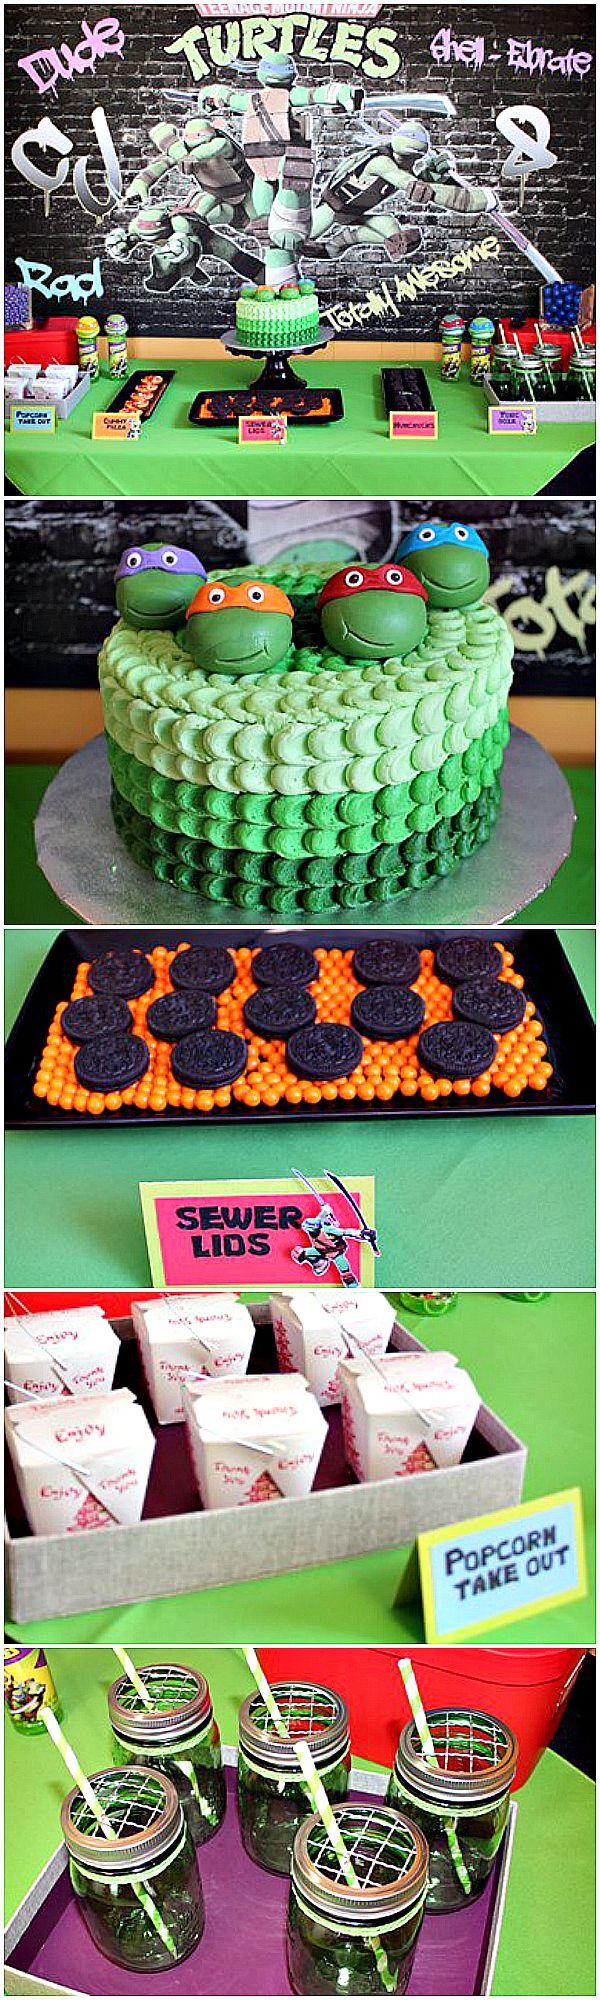 Awesome Teenage Mutant Ninja Turtles party ideas! #tmnt